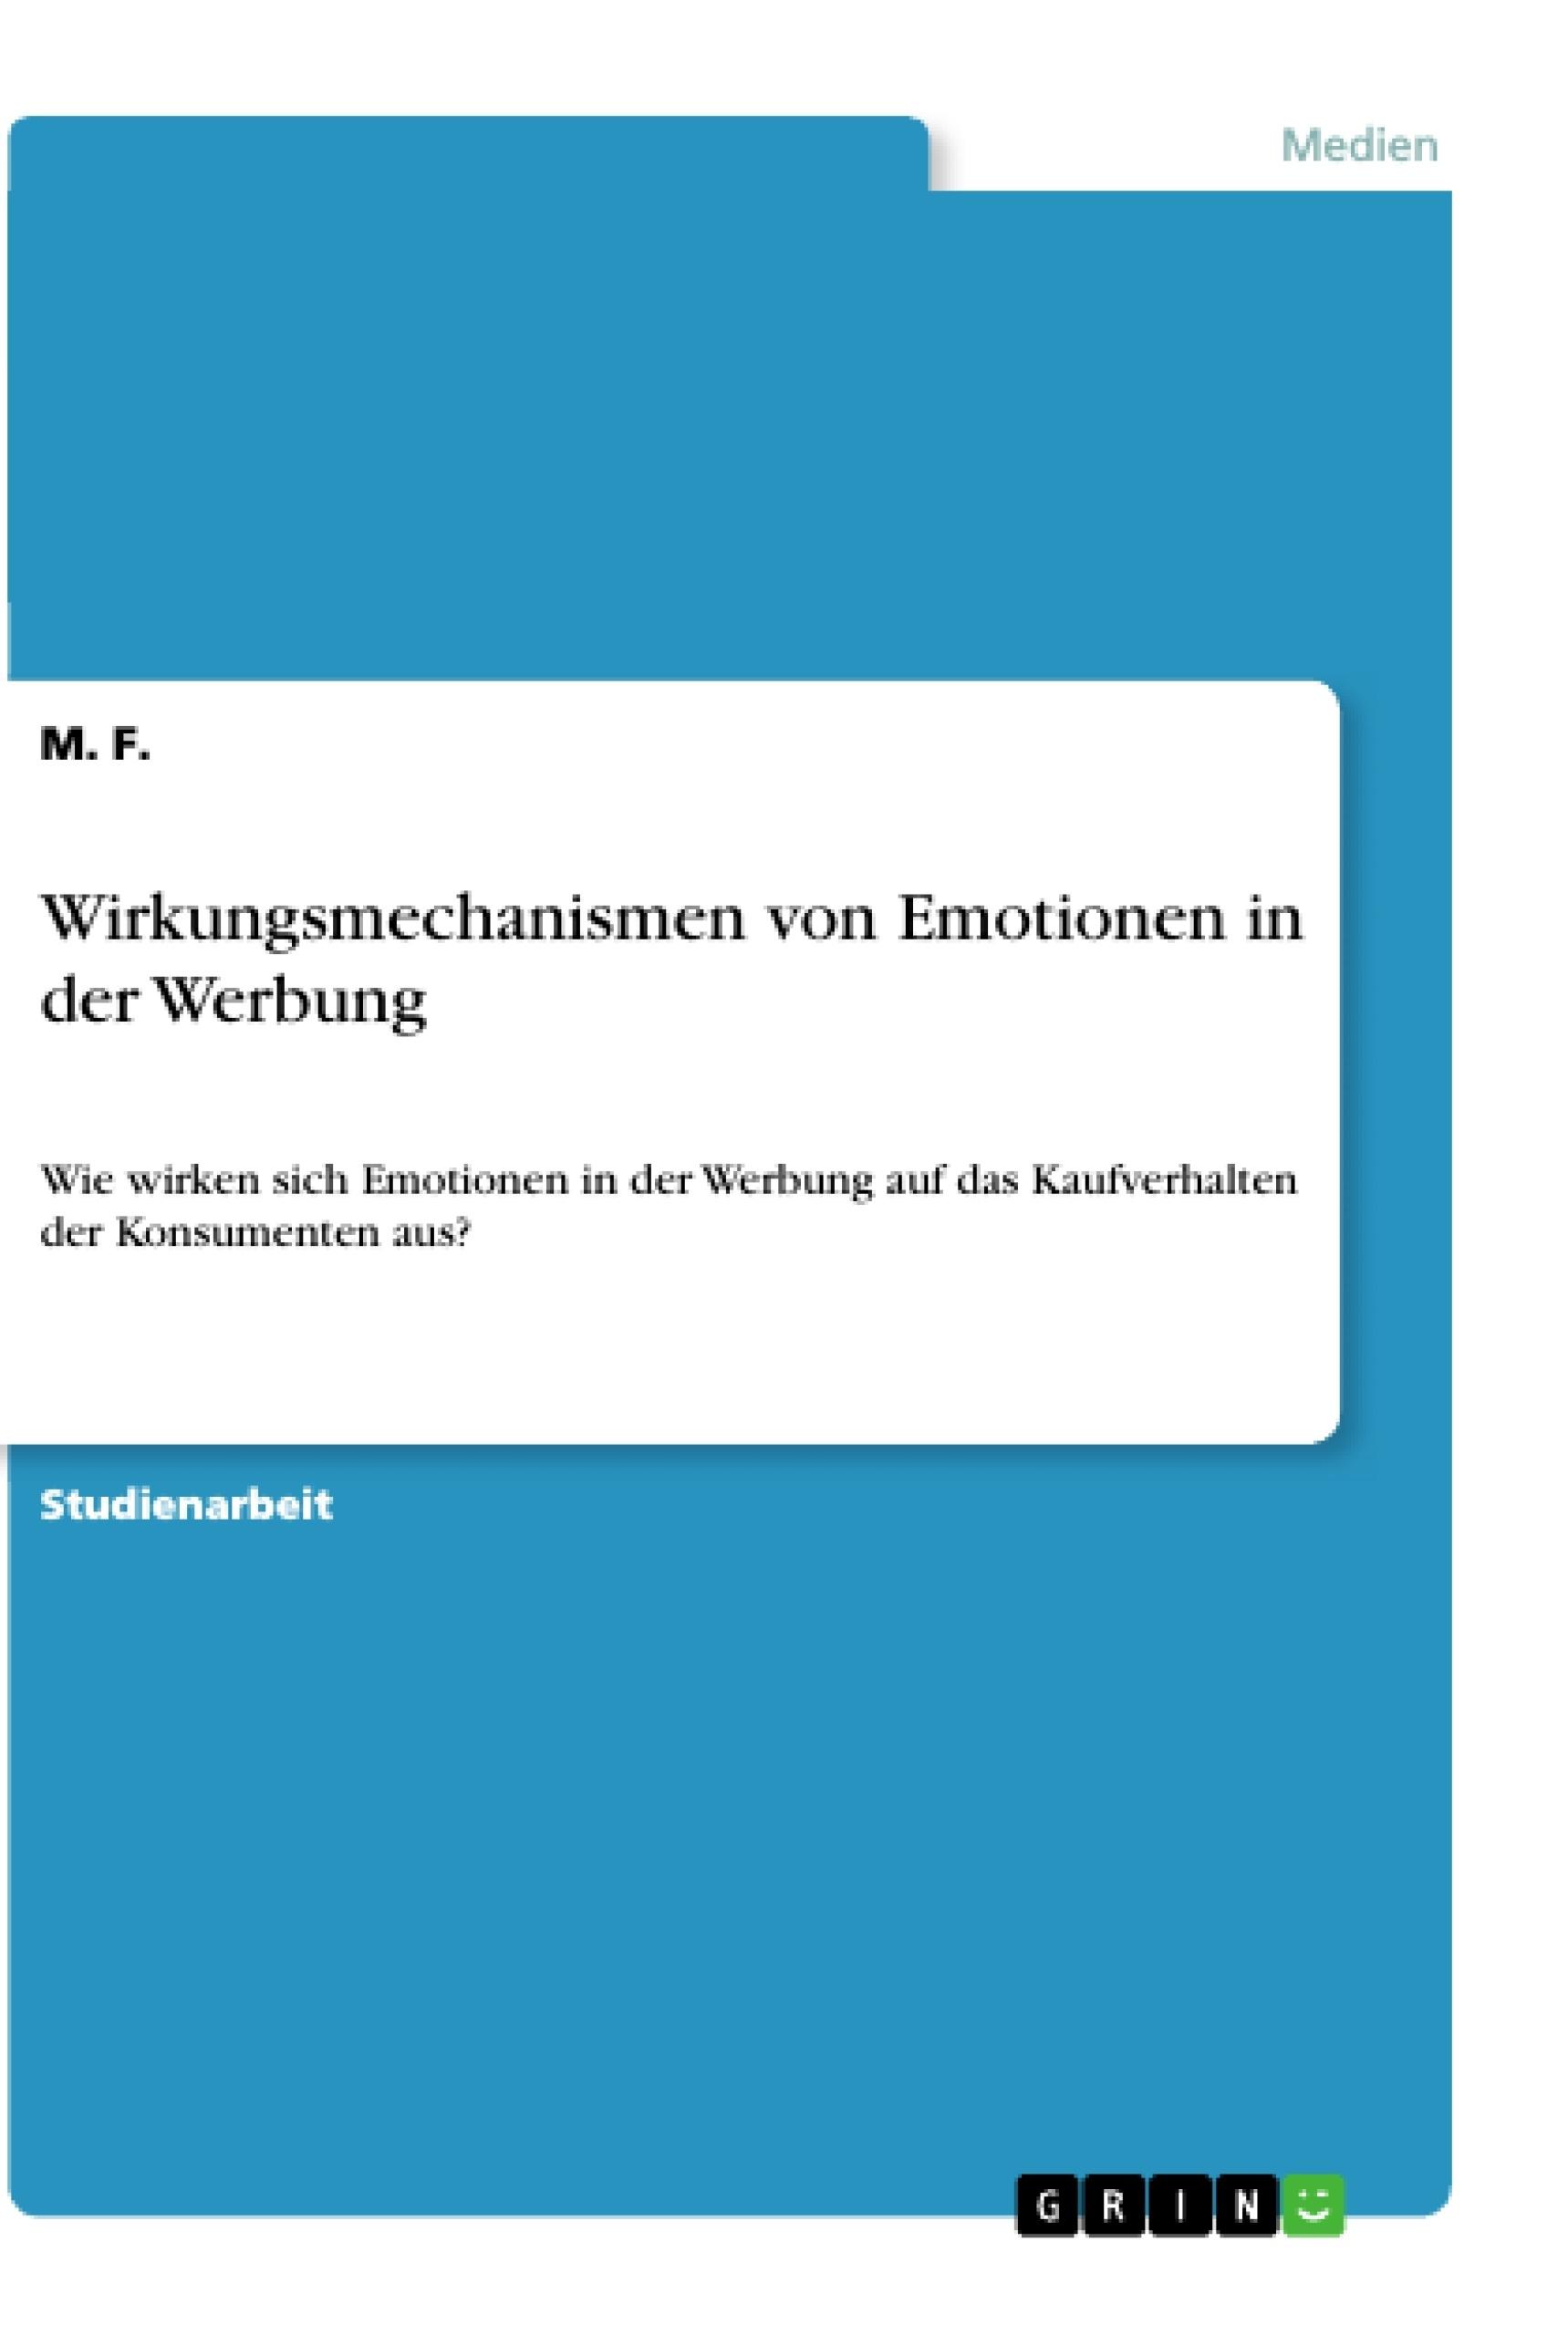 Titel: Wirkungsmechanismen von Emotionen in der Werbung